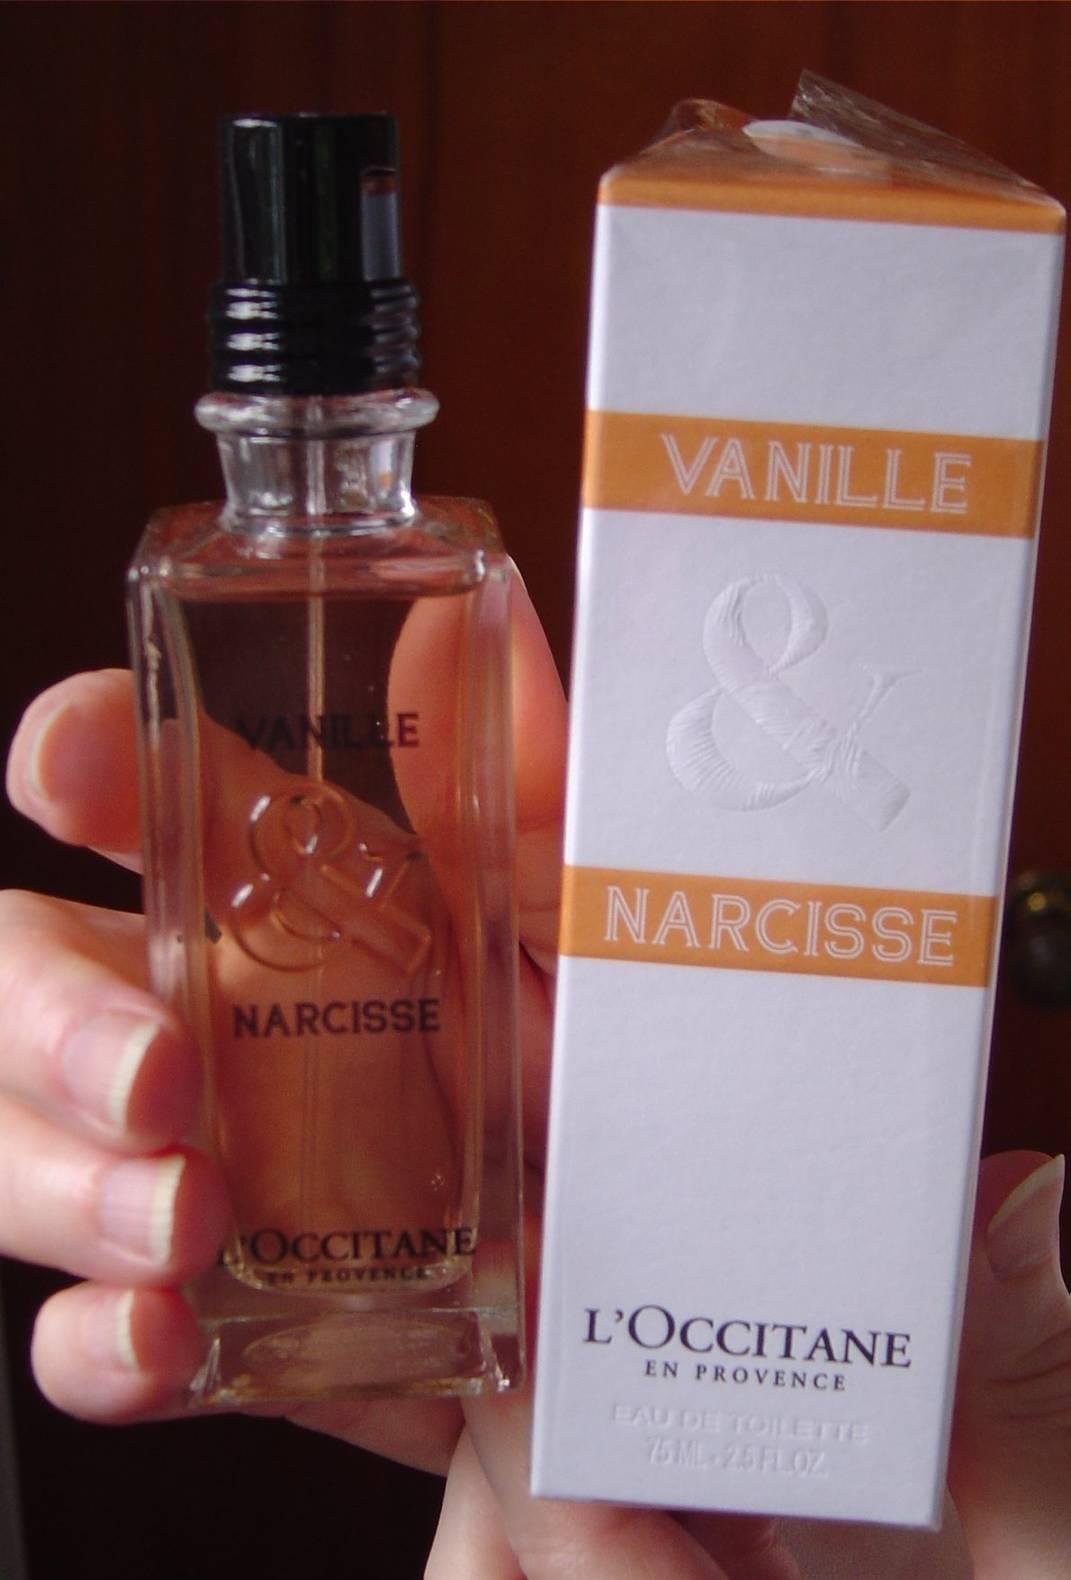 L'Occitane en Provence La Collection de Grasse Vanille & Narcisse Eau de Toilette